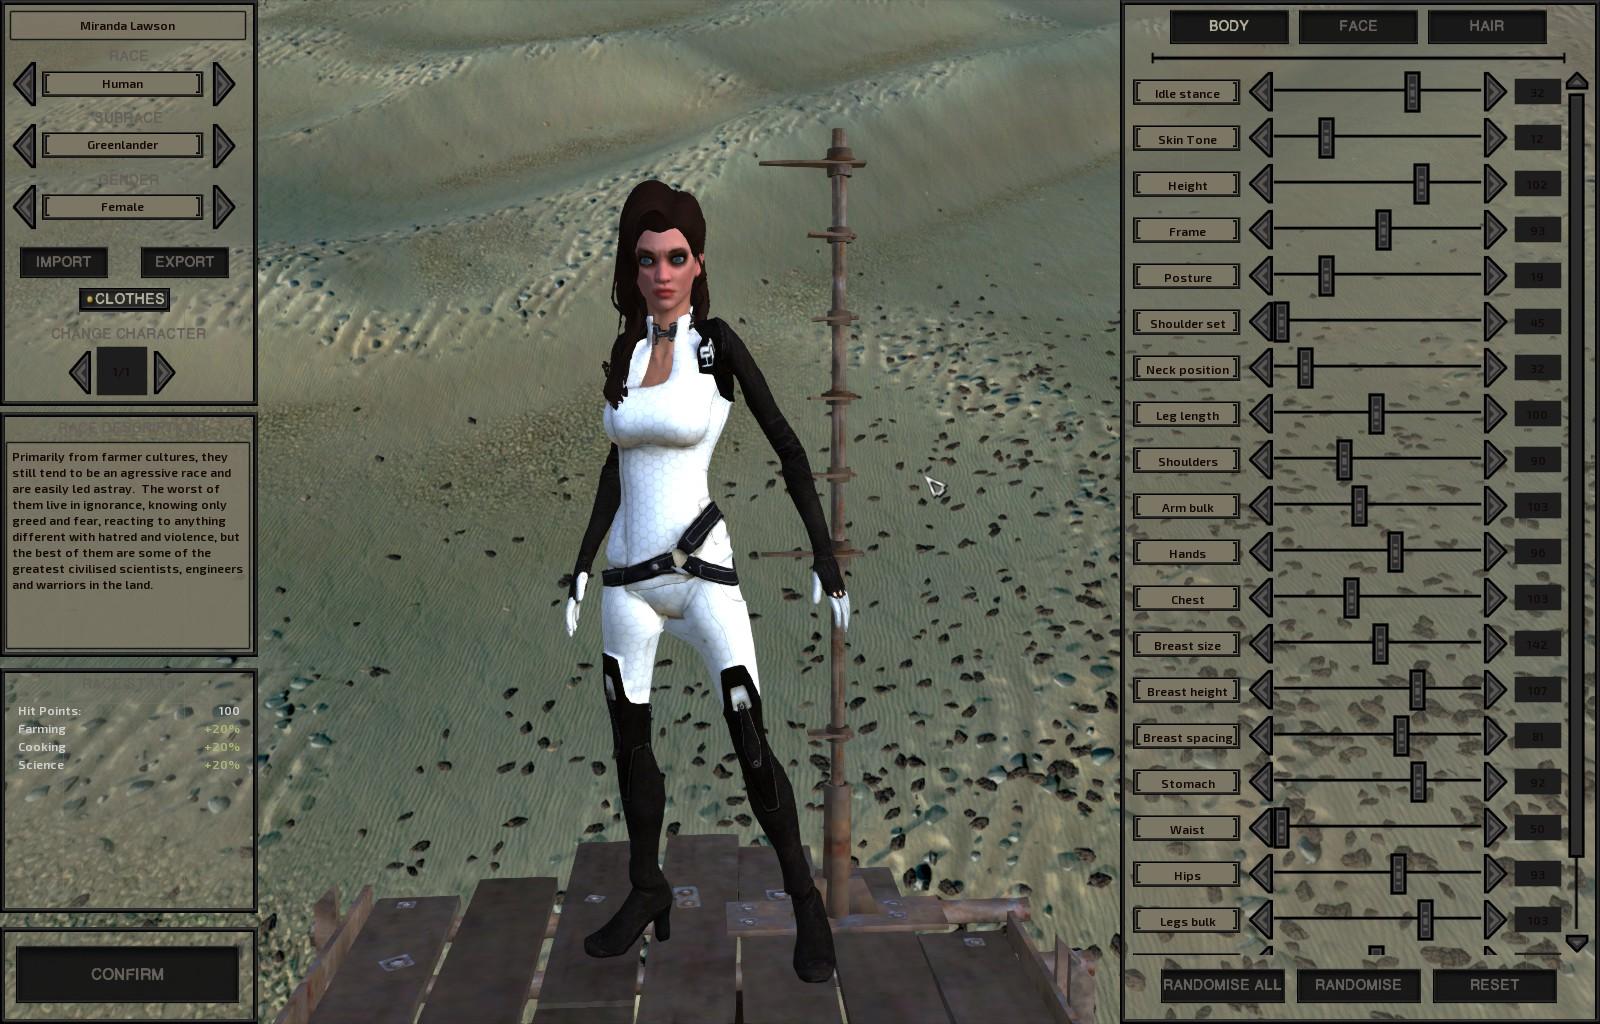 Miranda Lawson Armor Mod / Броня Миранды Лоусон (RU)